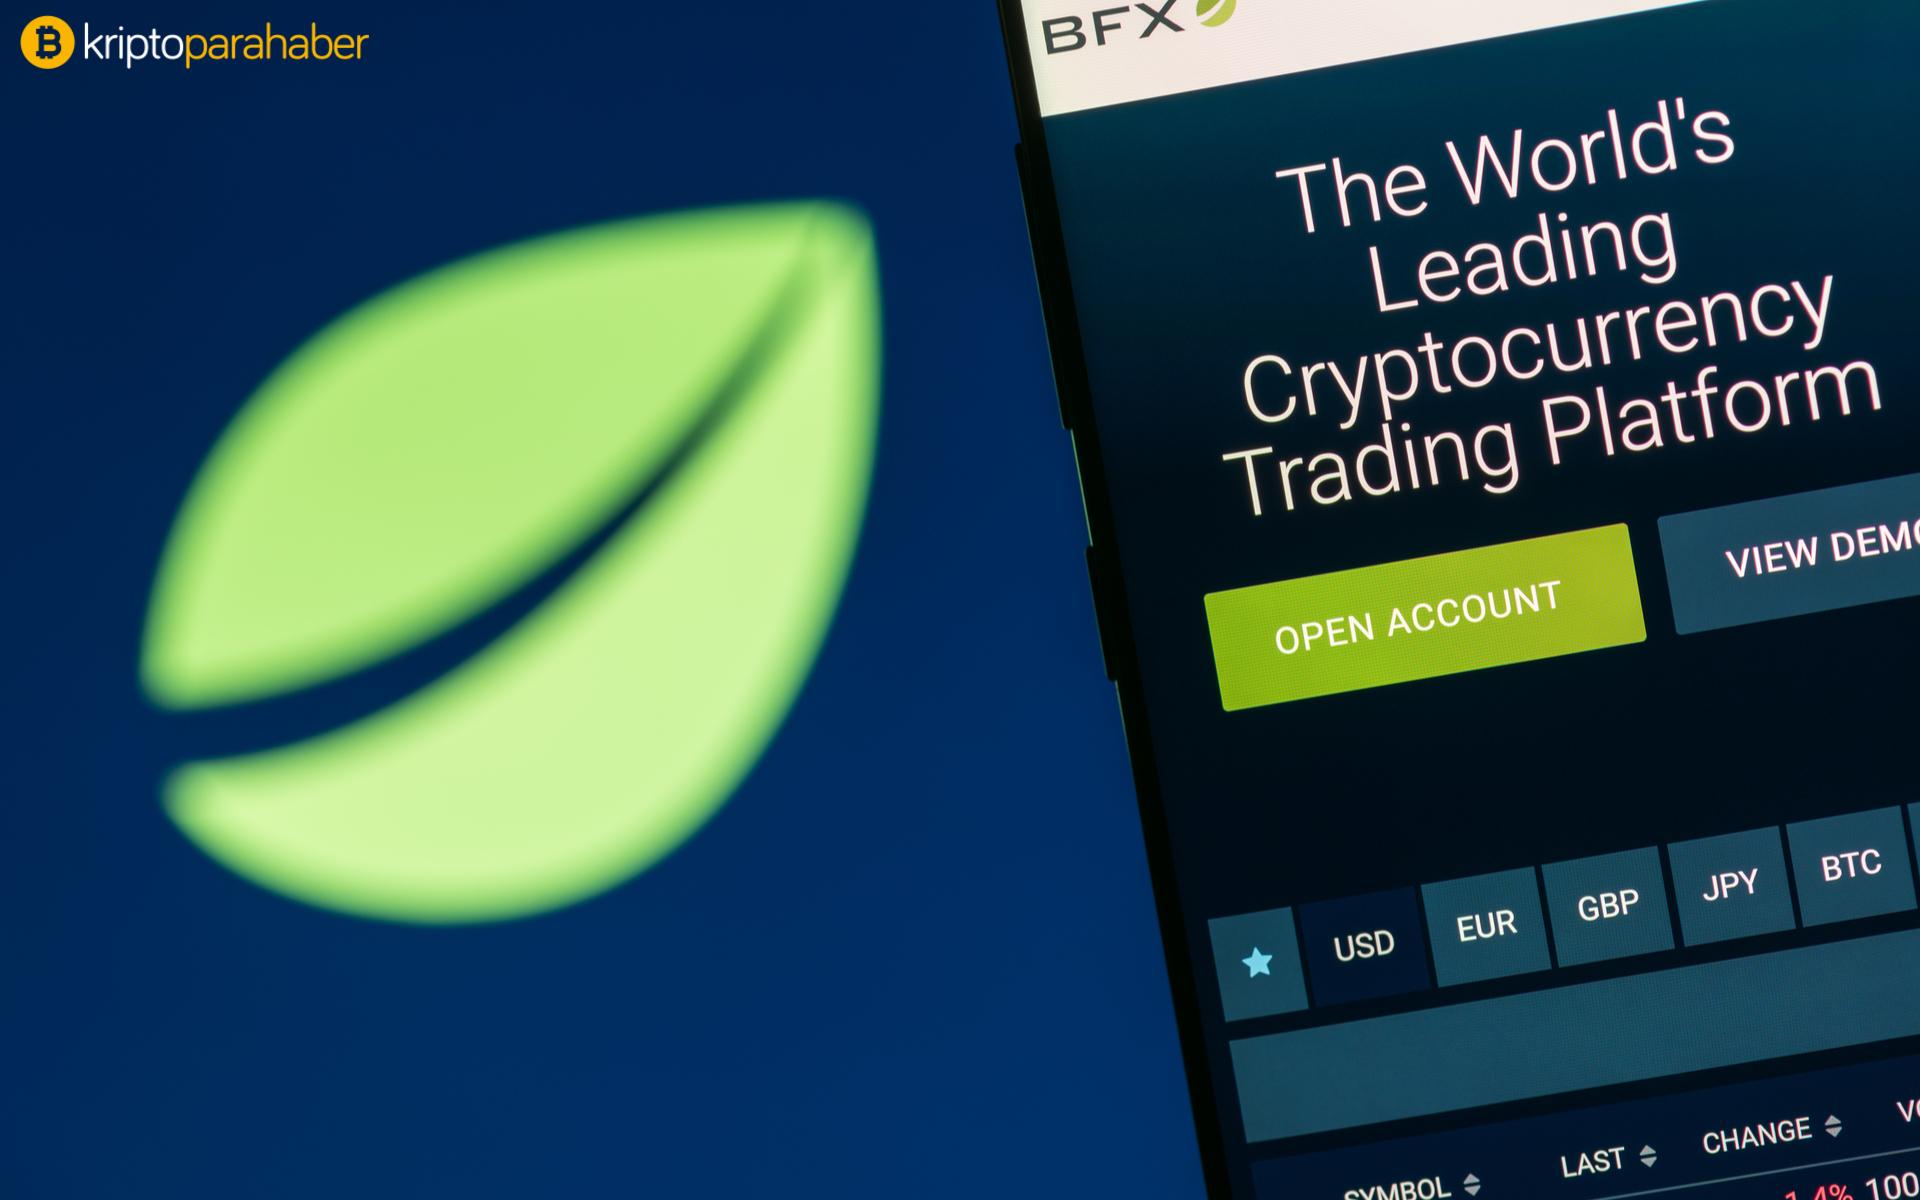 Popüler kripto para borsası yıllık yüzde 10 kazandıran faiz programı başlattı